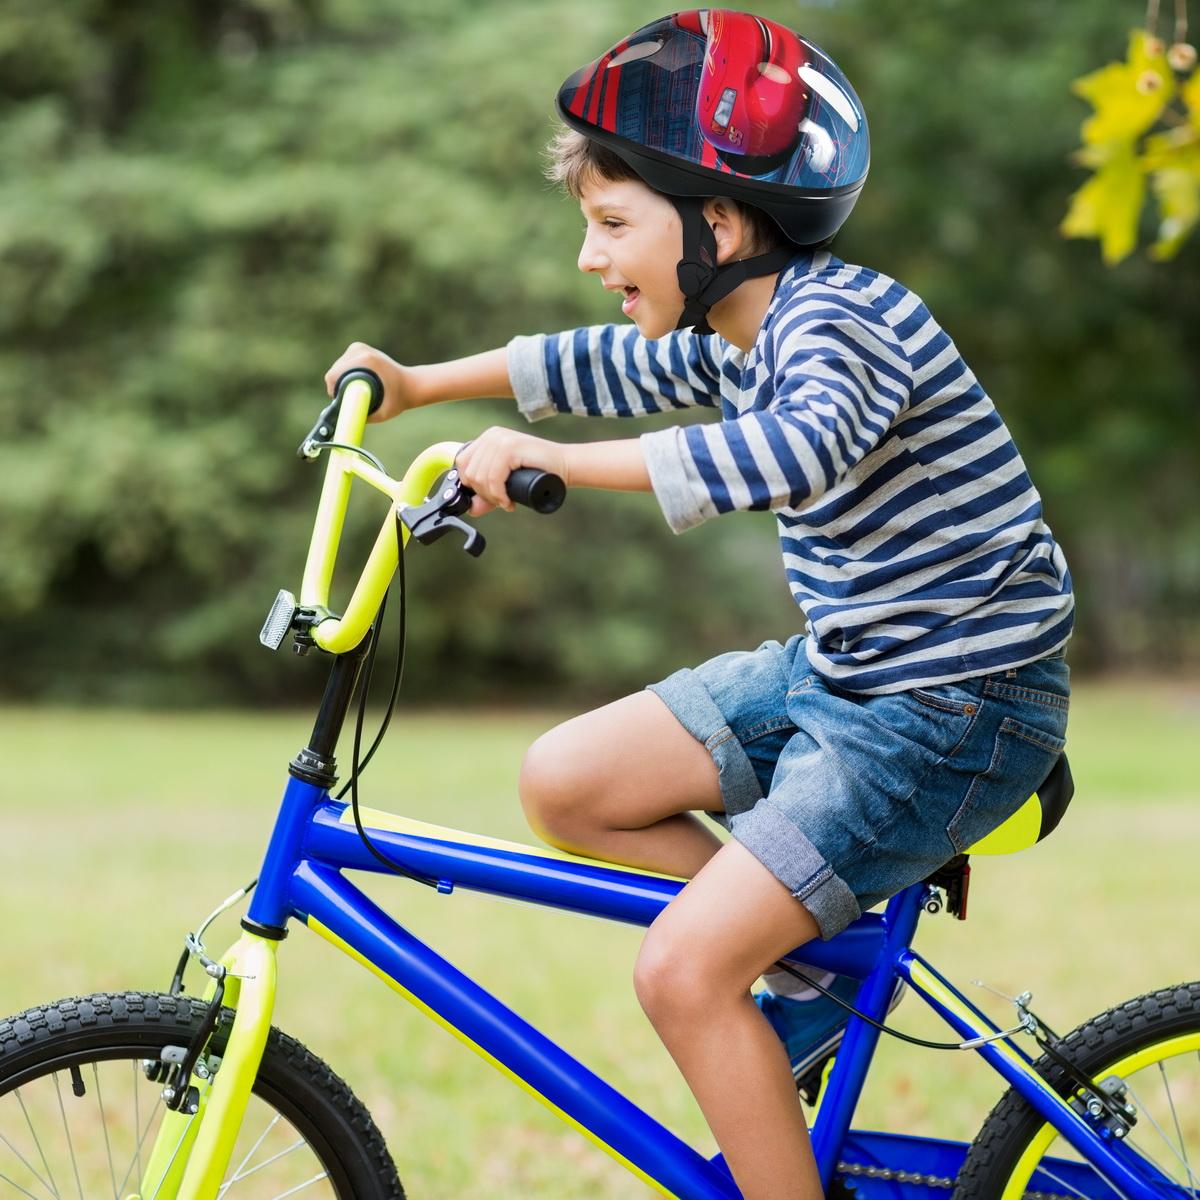 casca de protectie copii cars 2